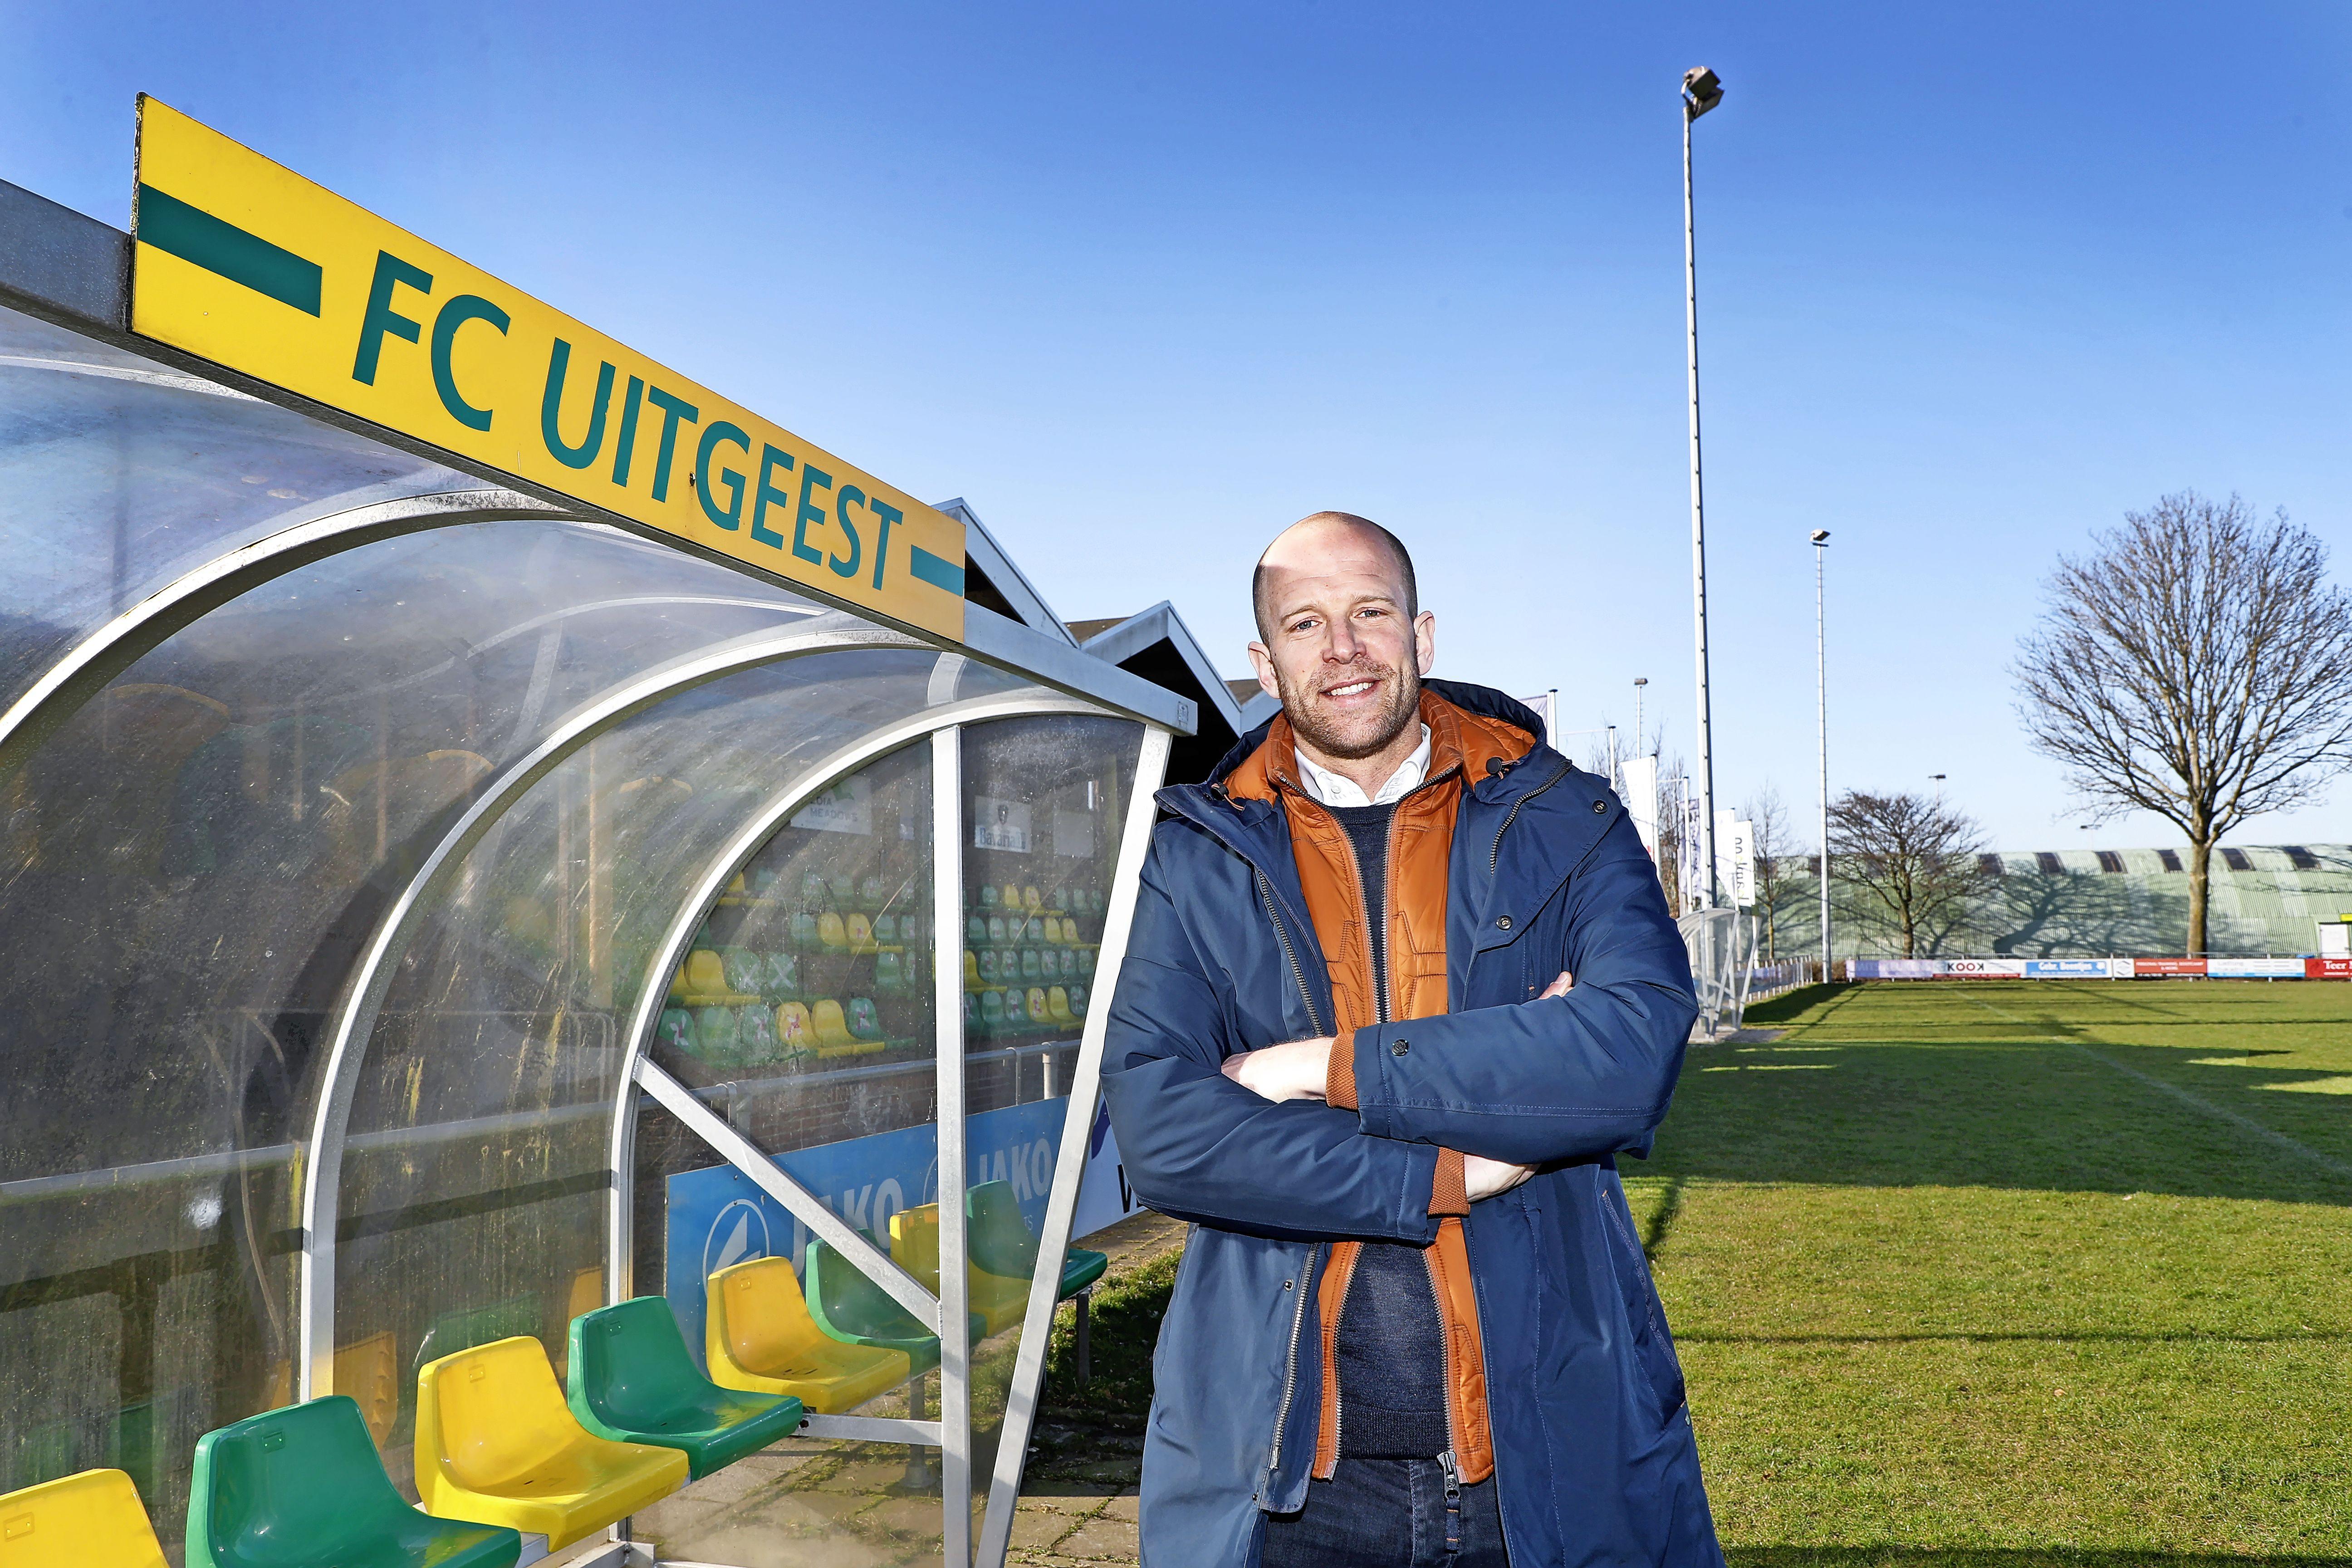 Het vriendenteam van Bart Janssen bij FC Uitgeest promoveerde dankzij goede sfeer in drie jaar van de vierde naar de eerste klasse. 'Leider Cor zorgde dat er altijd een koude Corona voor ons klaarstond'